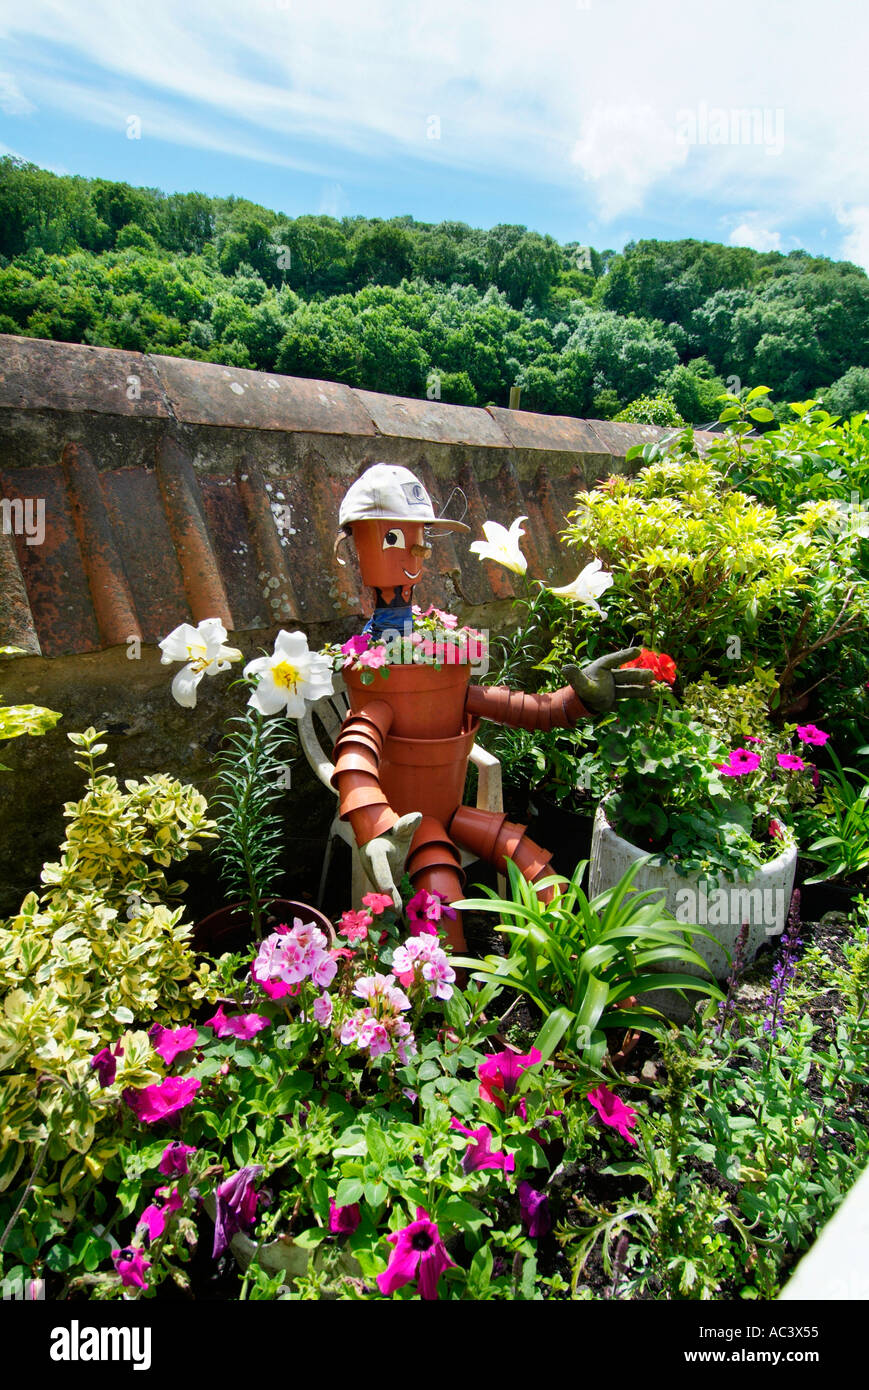 Cottage Garden Pots Bill and ben flower pot men man men english country cottage garden bill and ben flower pot men man men english country cottage garden devon uk gb eu europe workwithnaturefo